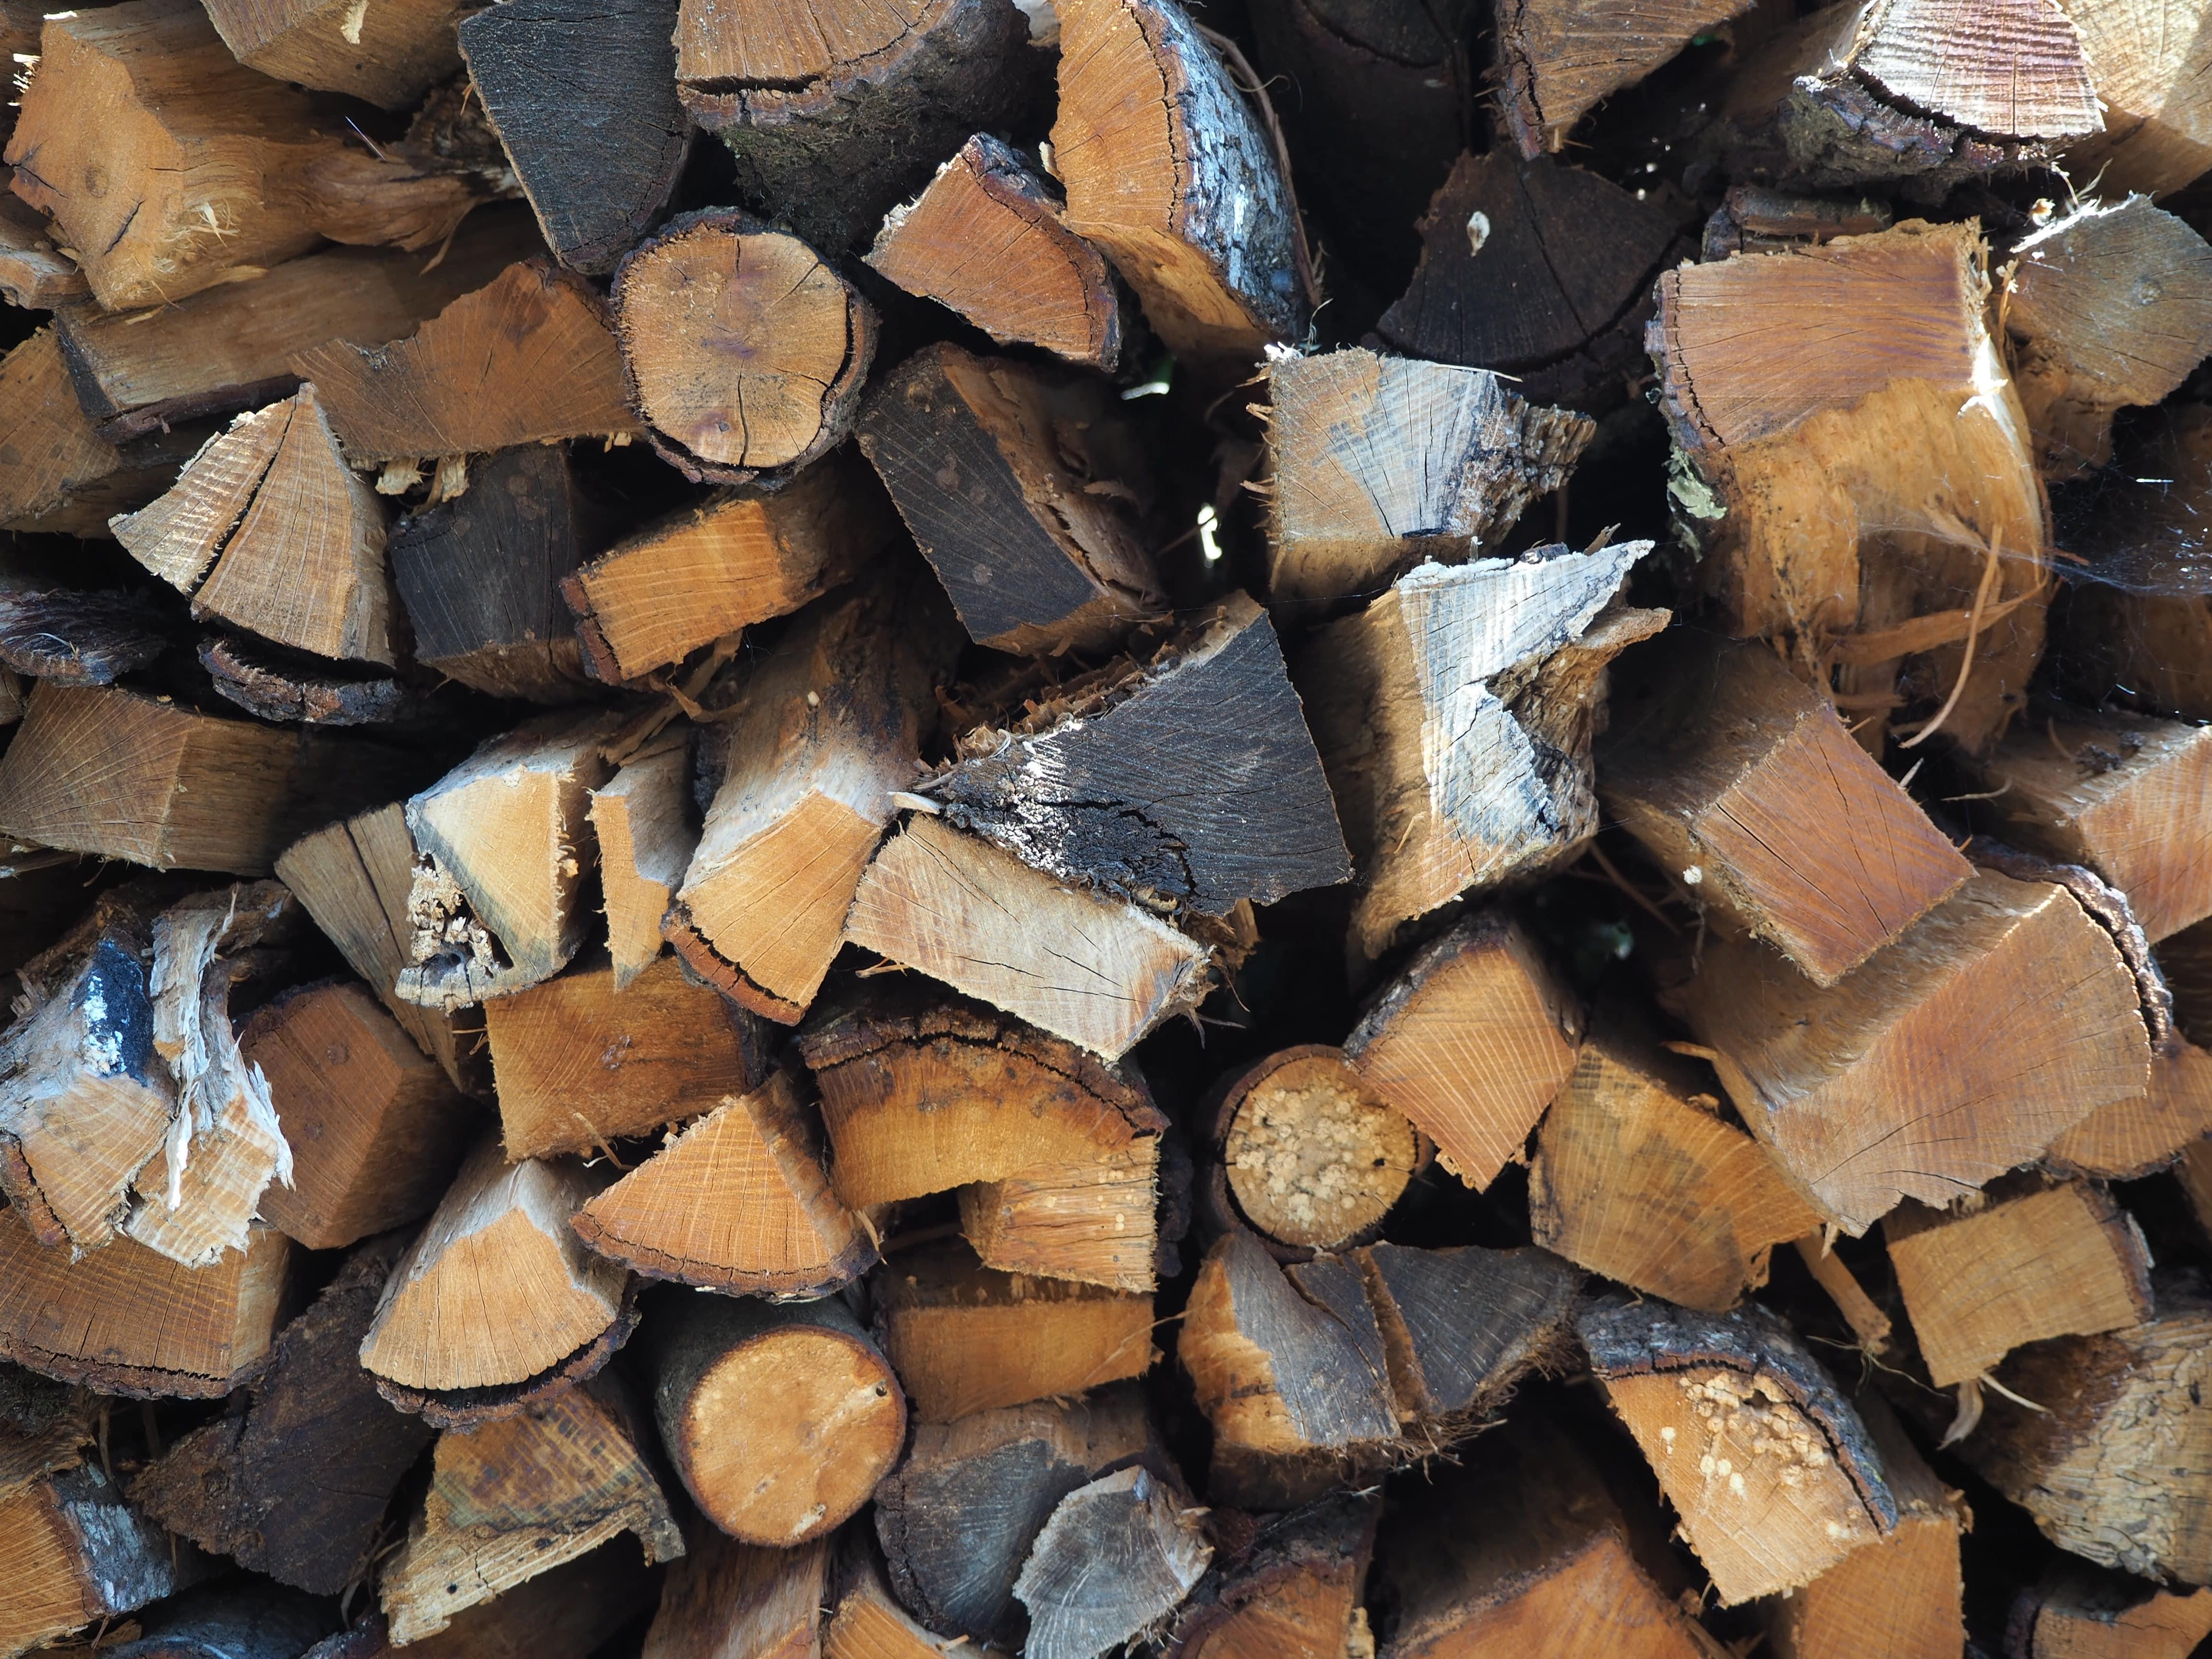 Madera de pino para nuestras letras luminosas de madera BCN LETTERS